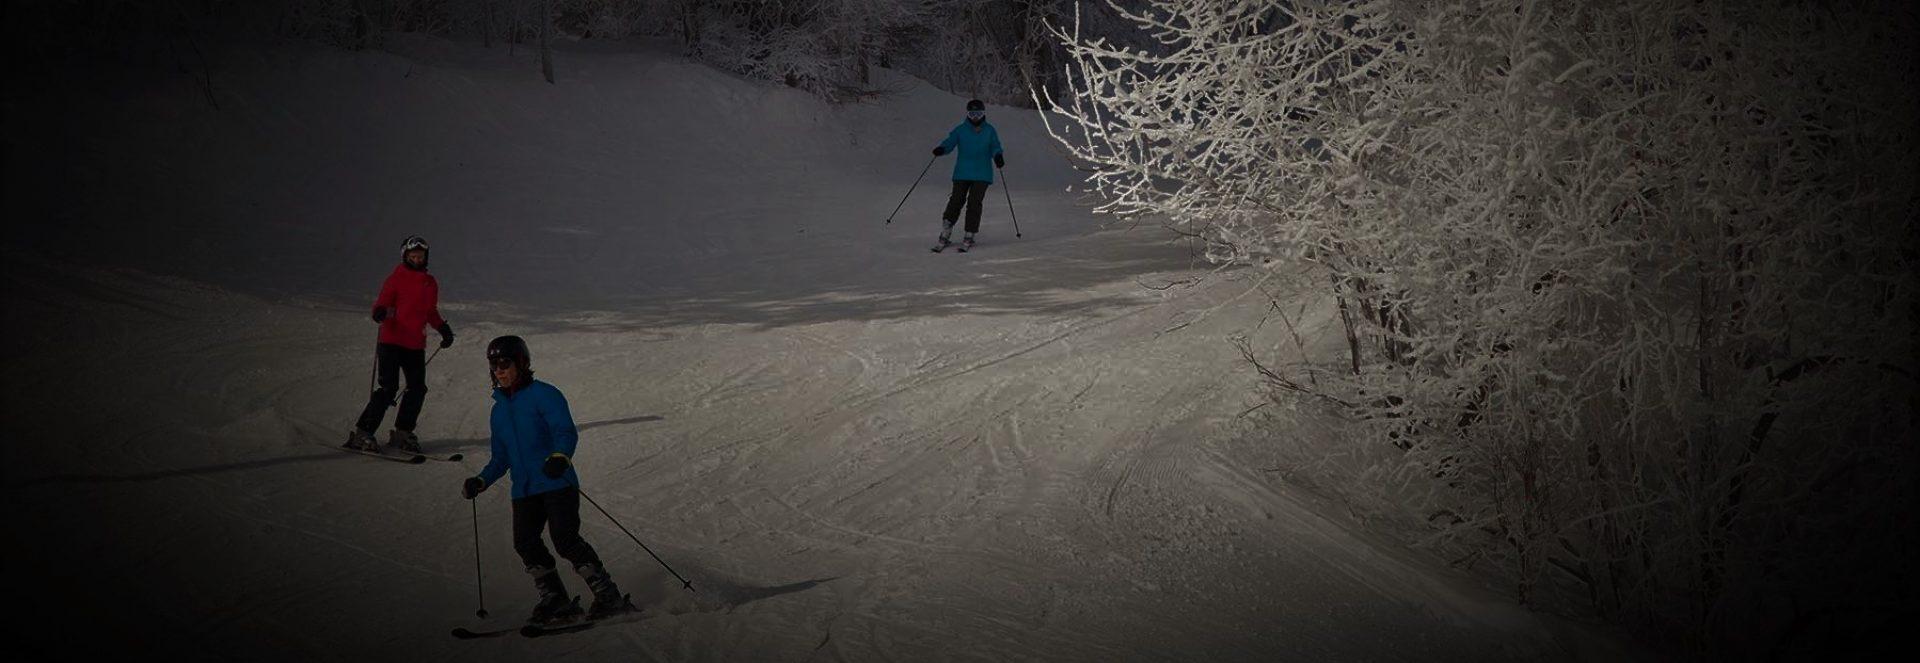 Ski'NRide Snowguide